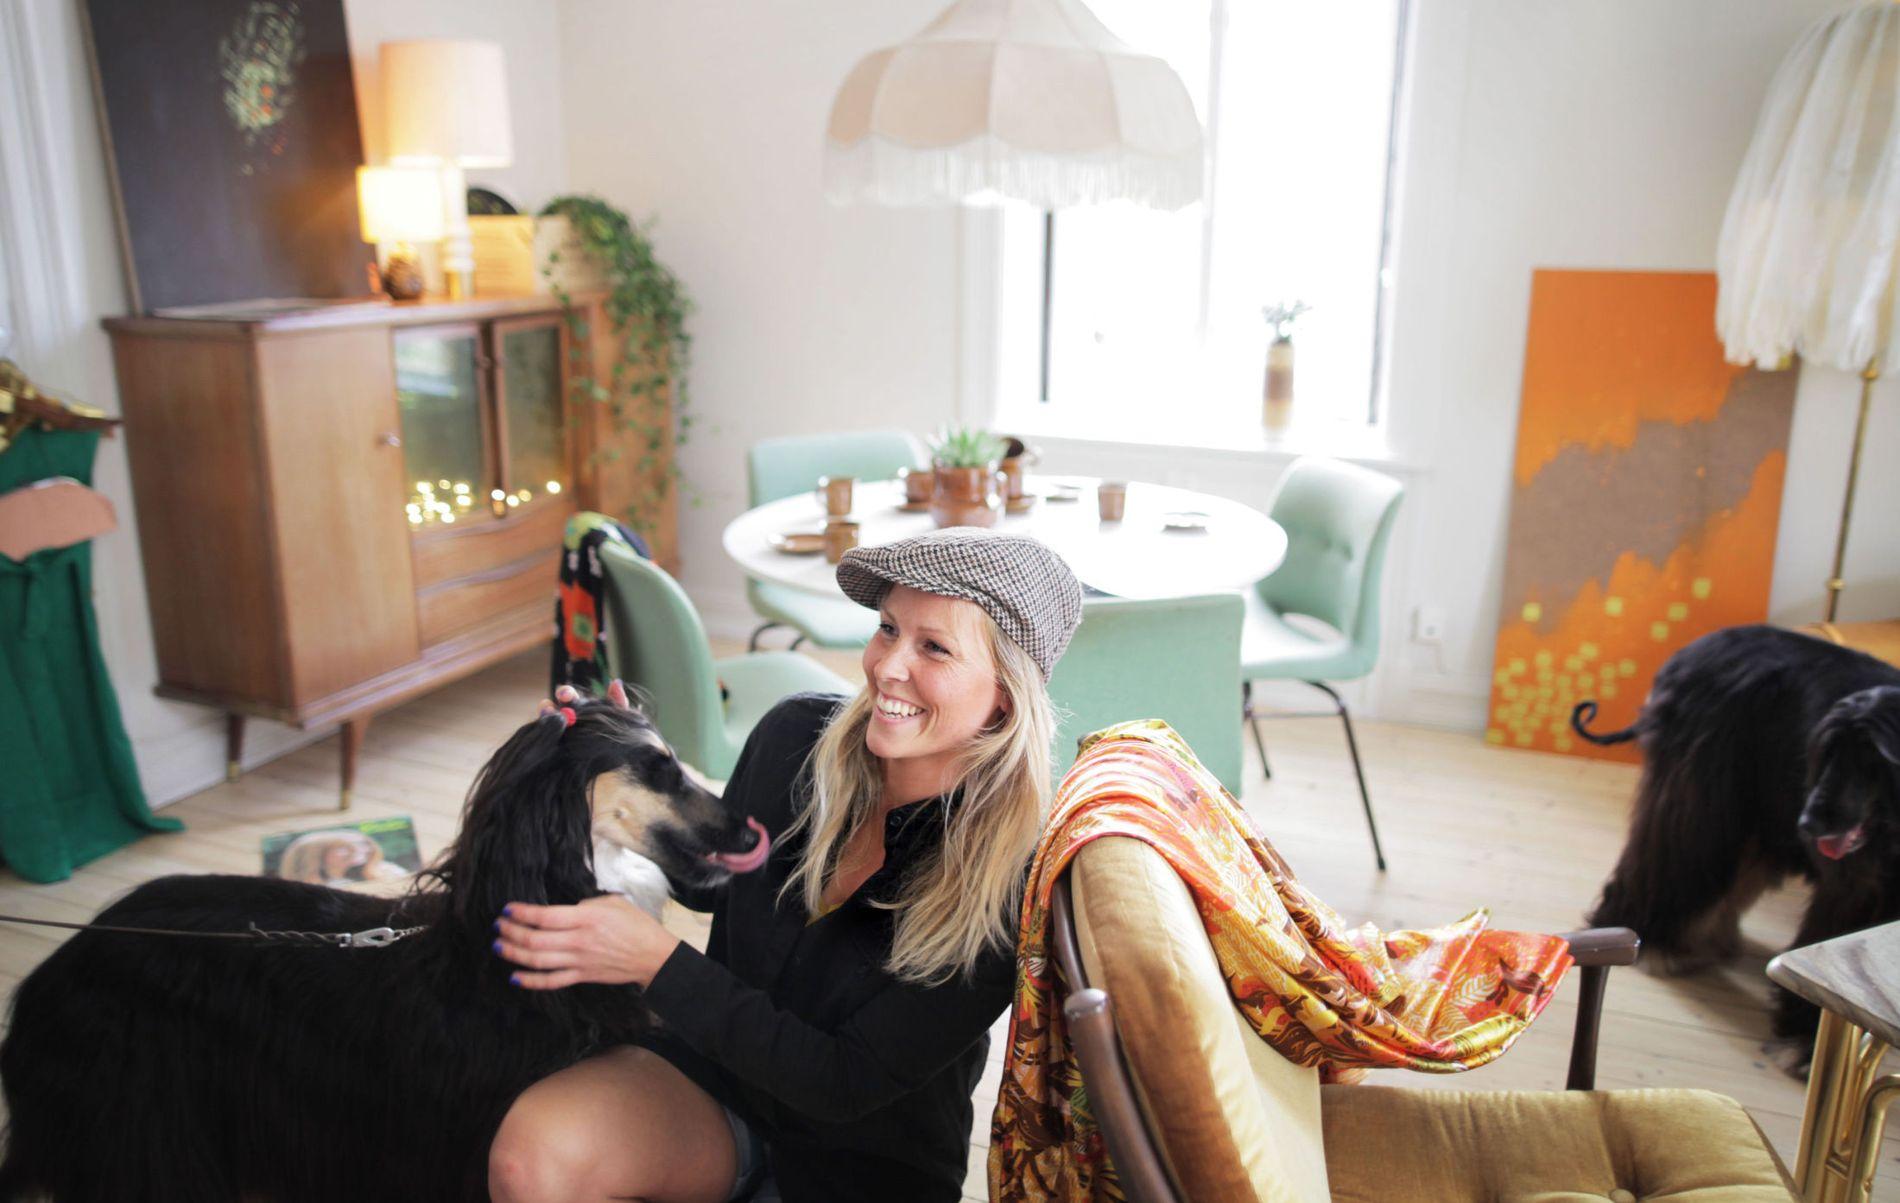 GLAD I LOPPER: Ida Lundqvist har mange tips til hvordan du kan gjøre gode kjøp på et loppemarked. Her i en leilighet hun har innredet med lopper og bruktfunn.